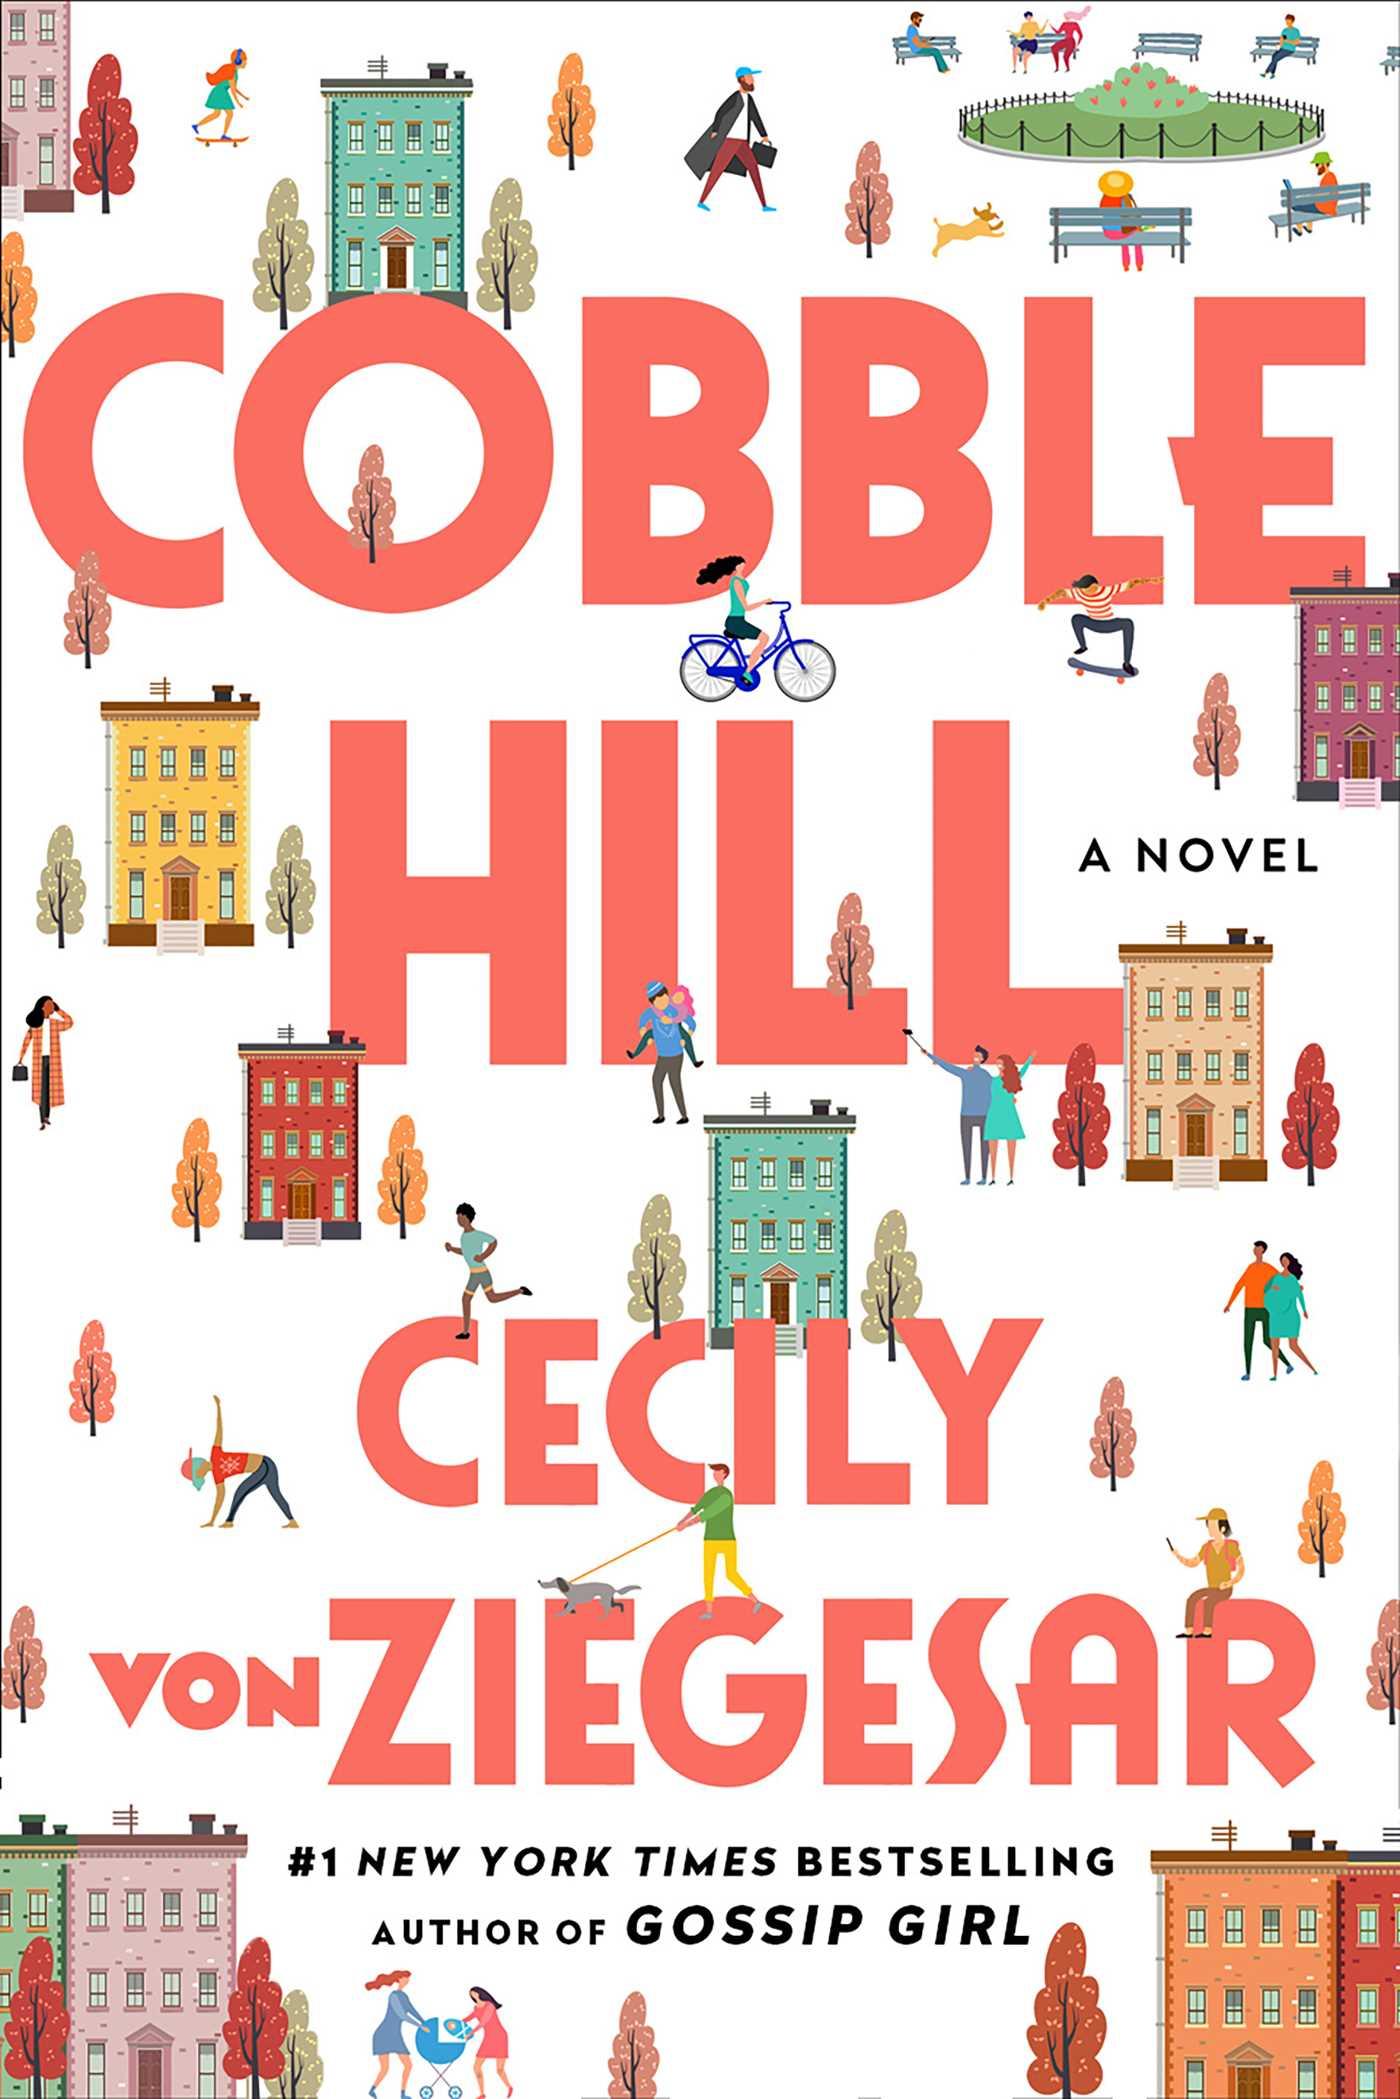 Cobble HillbyCecily von Ziegesar